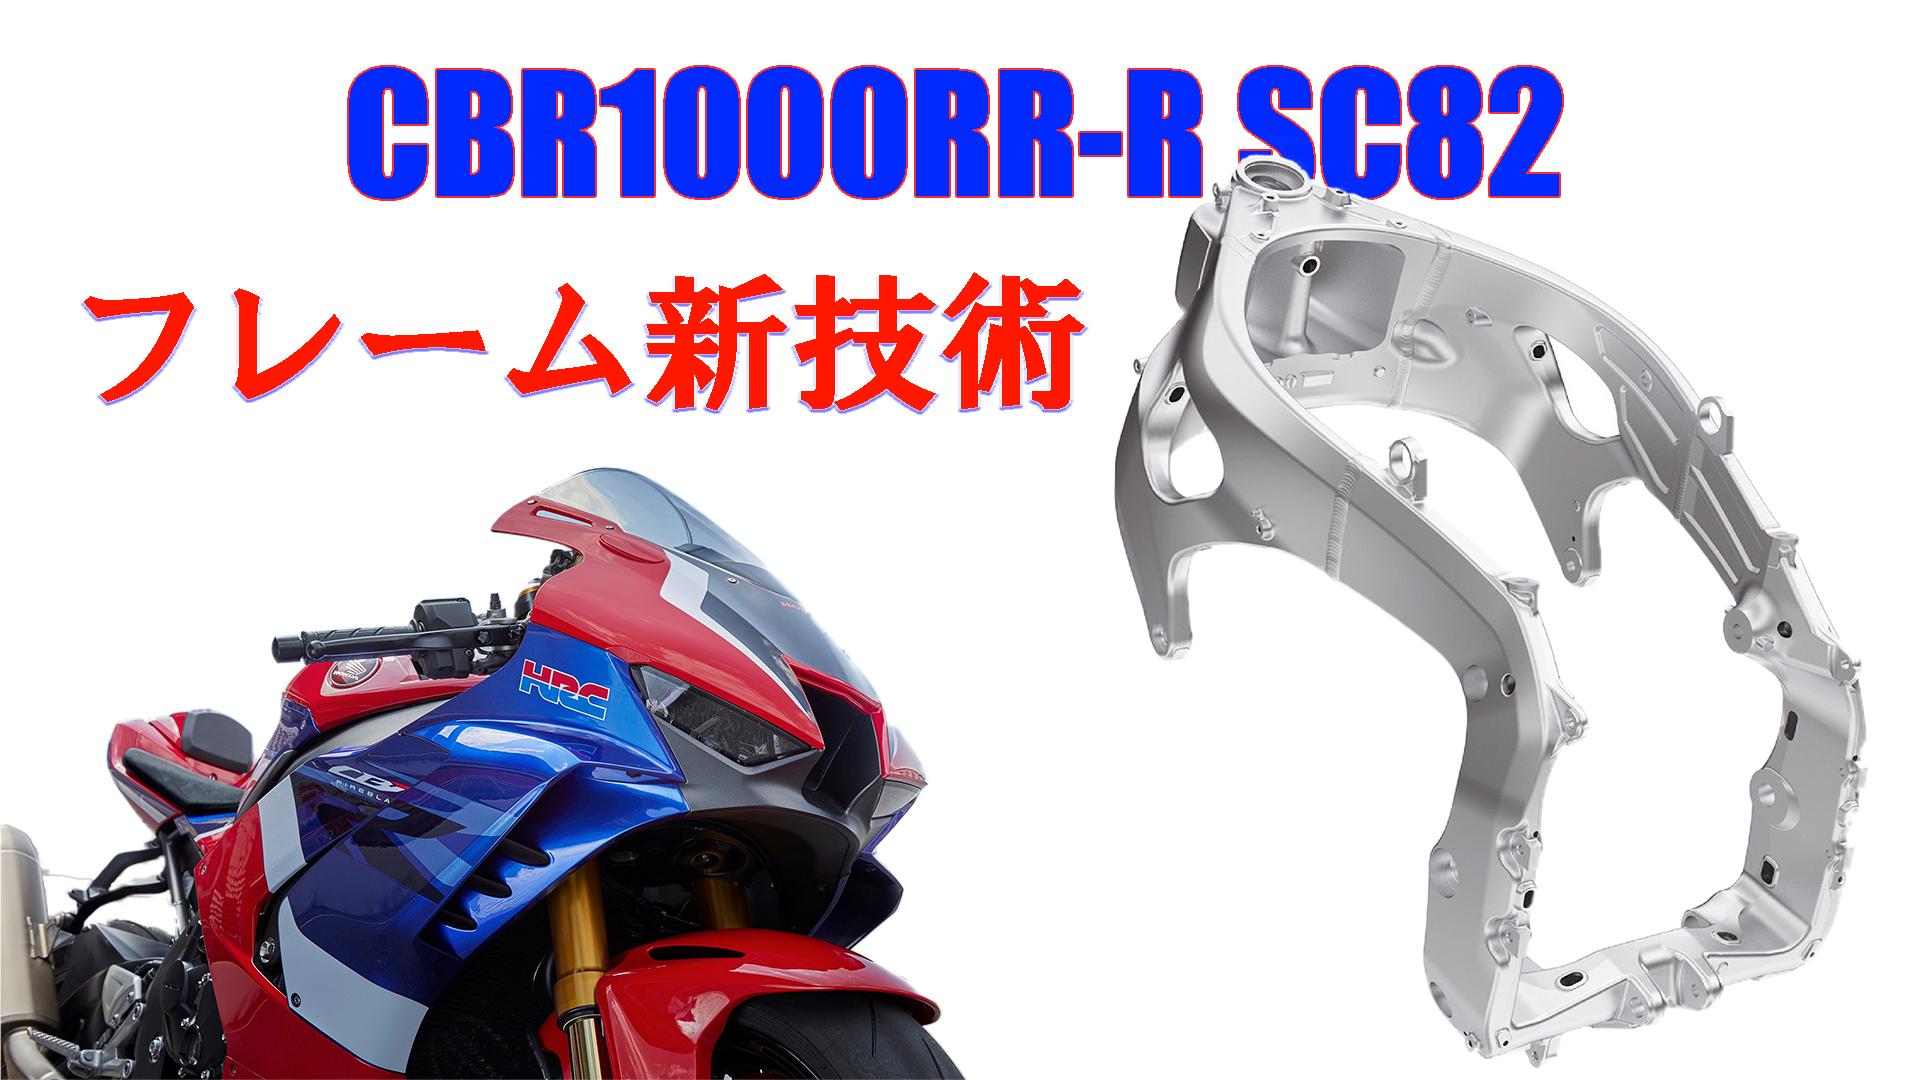 2020年モデル新型CBR1000RR-R SC82